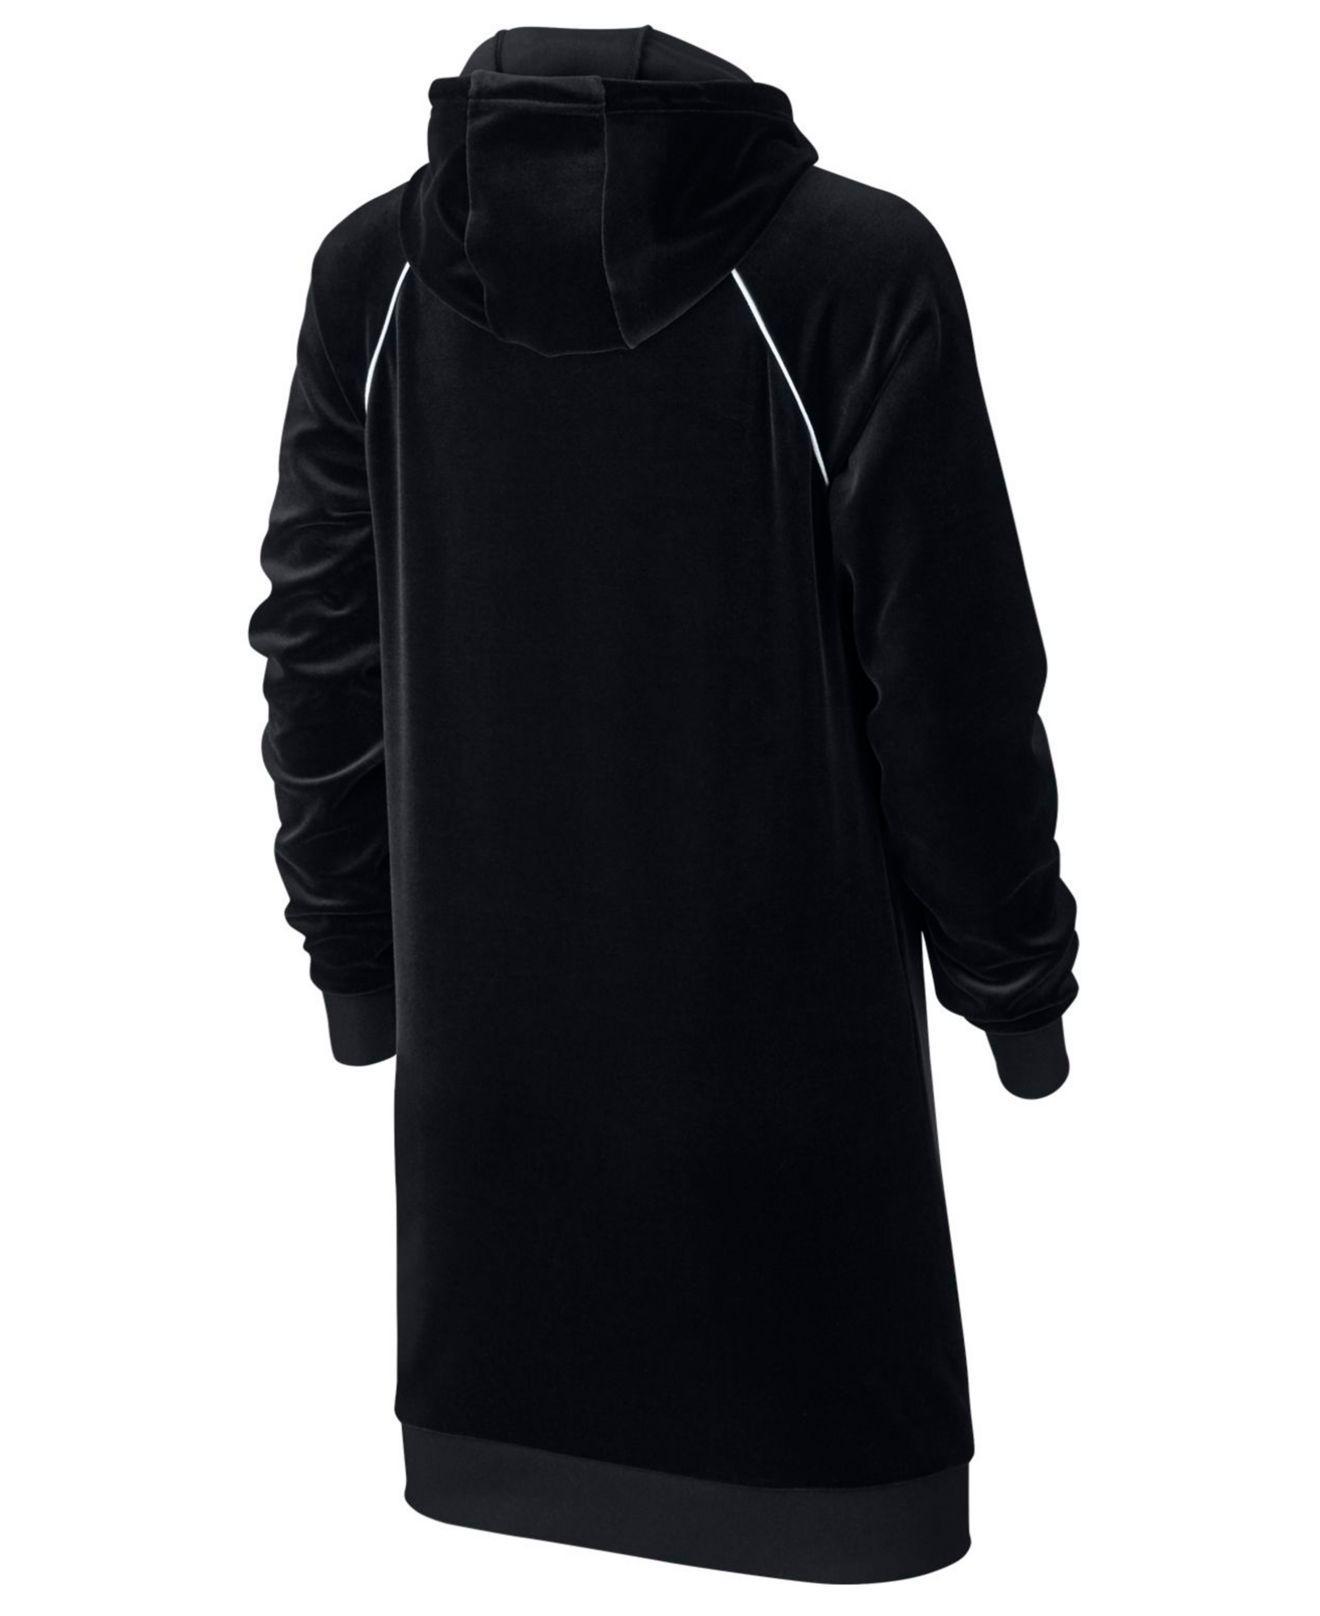 Nike Velour Hooded Dress in Black